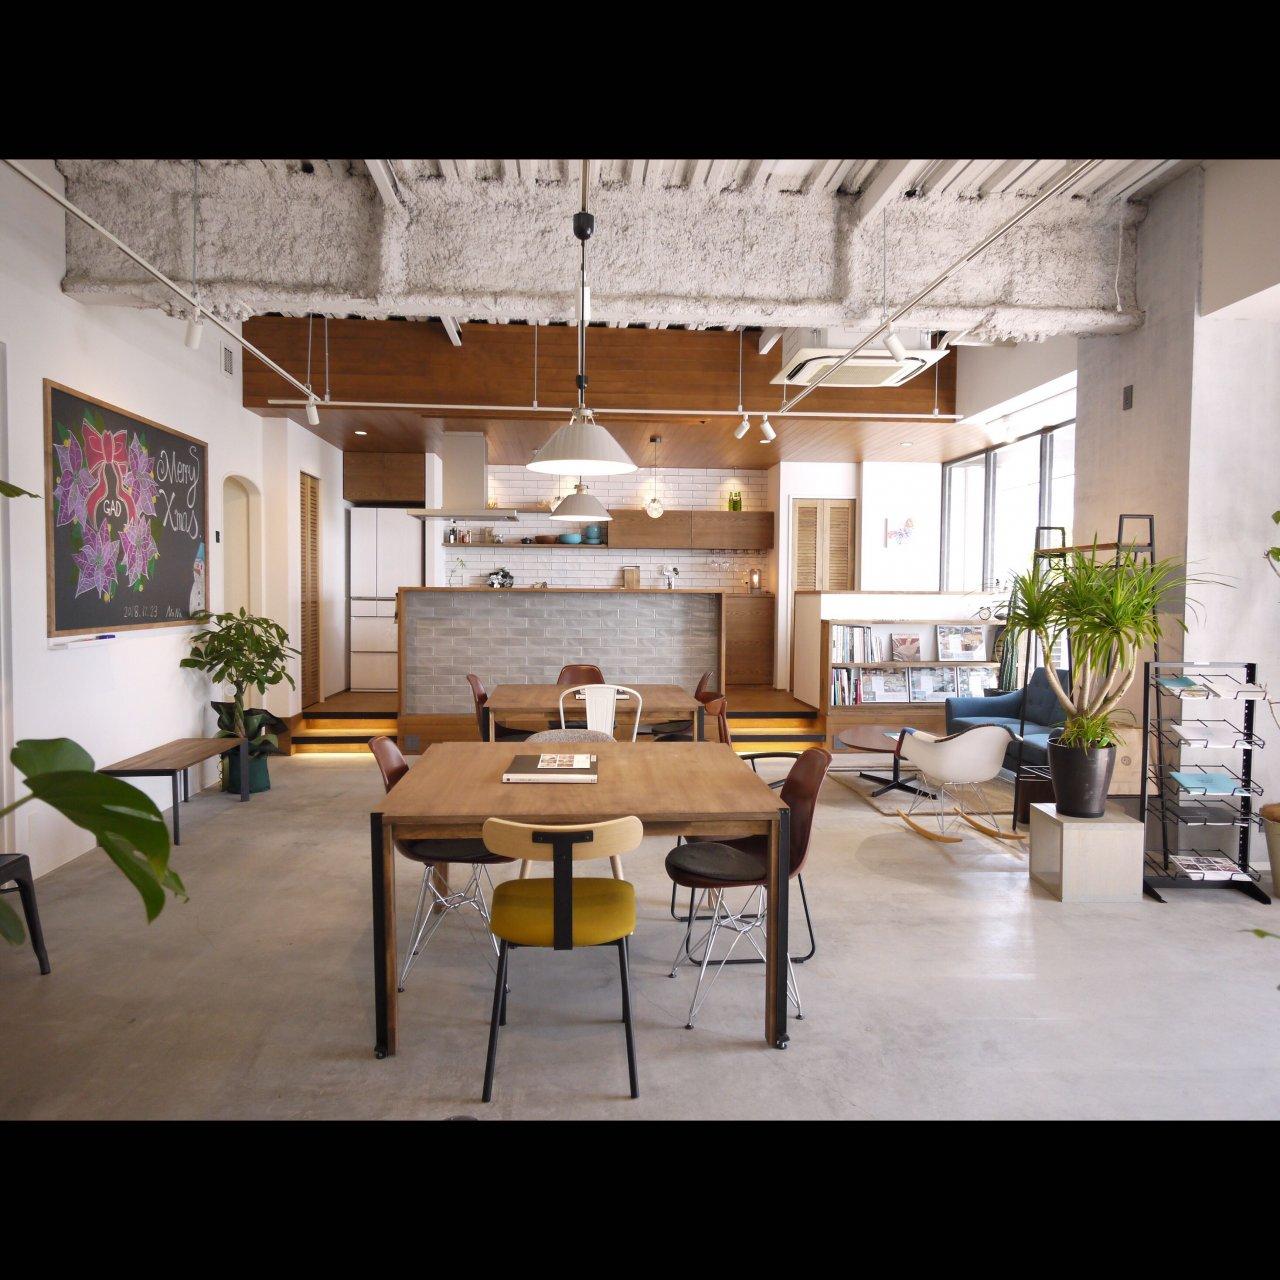 リノベ不動産|General Act Design ショールーム3 リノベ後を体感出来る大人モダンなカウンタキッチンがあるメイン